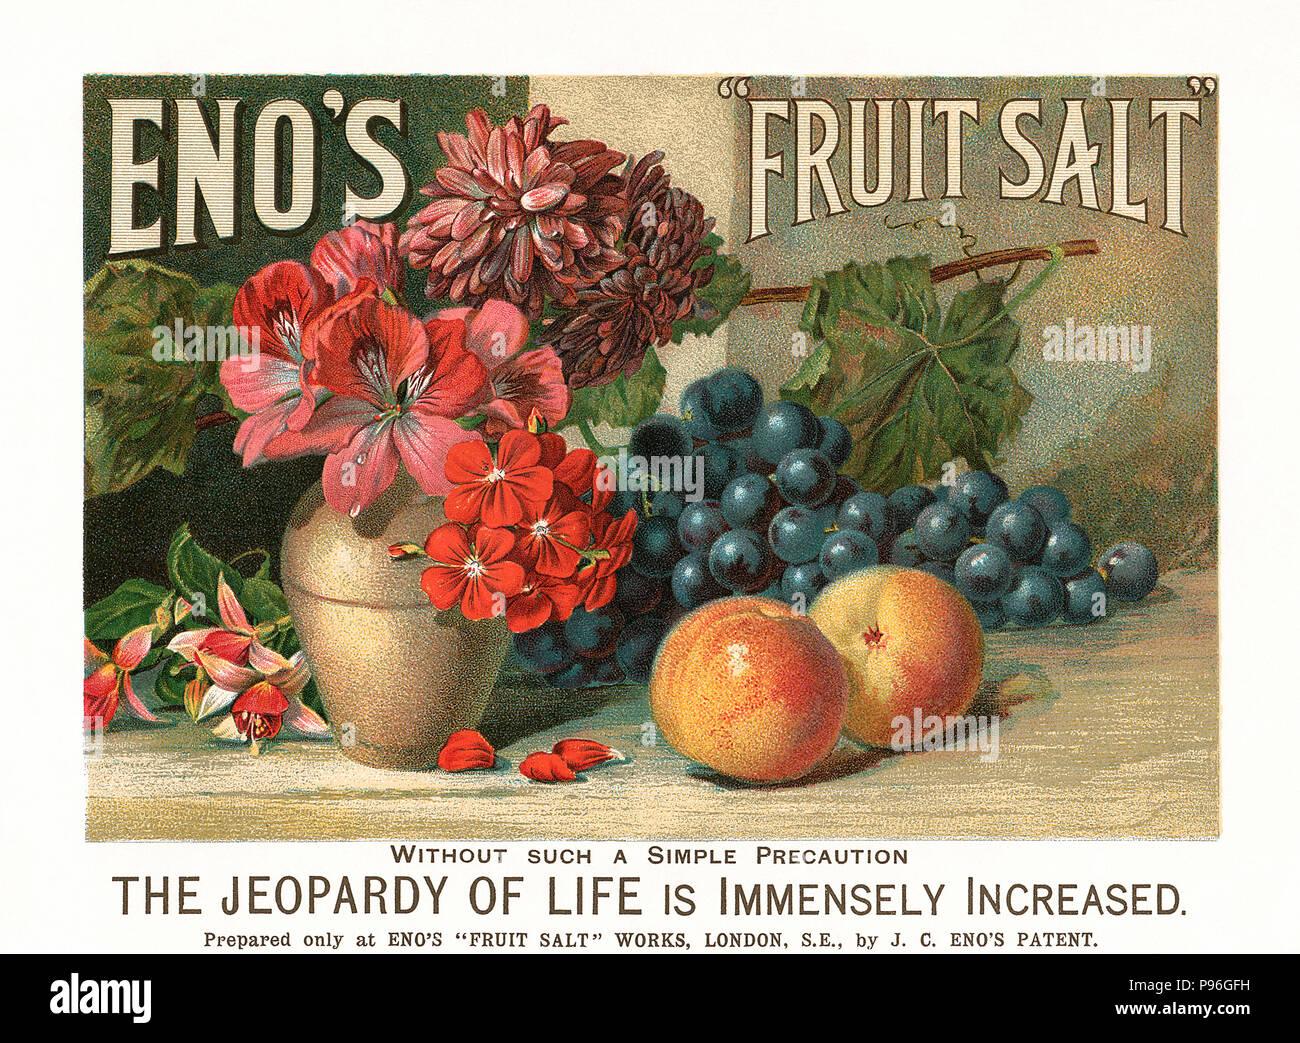 Vintage revista insertar para la Sal de frutas Eno. Imagen De Stock